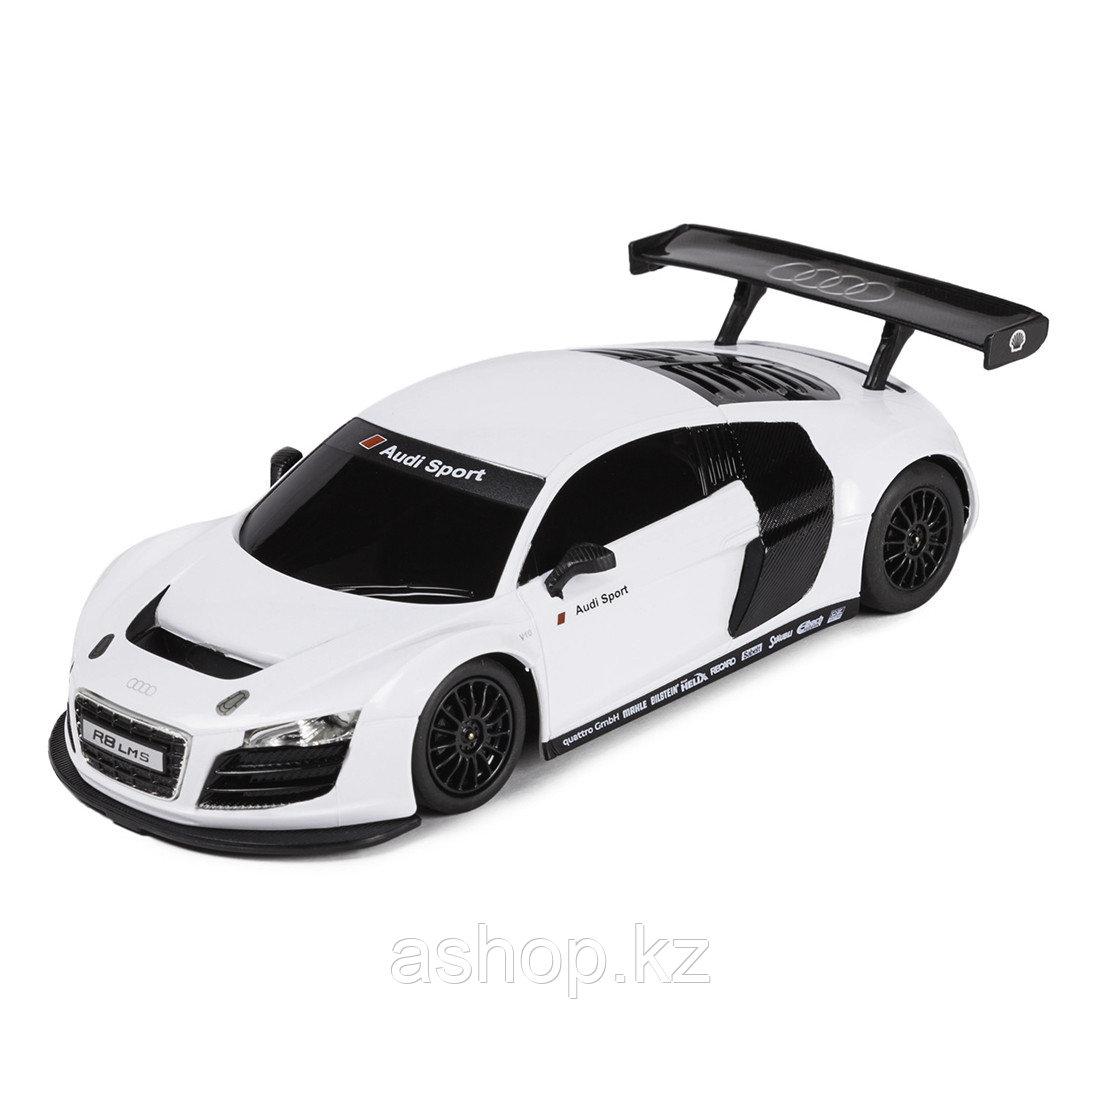 Модель автомобиля коллекционная Rastar AUDI R8, 1:24, Материал: Металл, Цвет: Белый, (56100W)